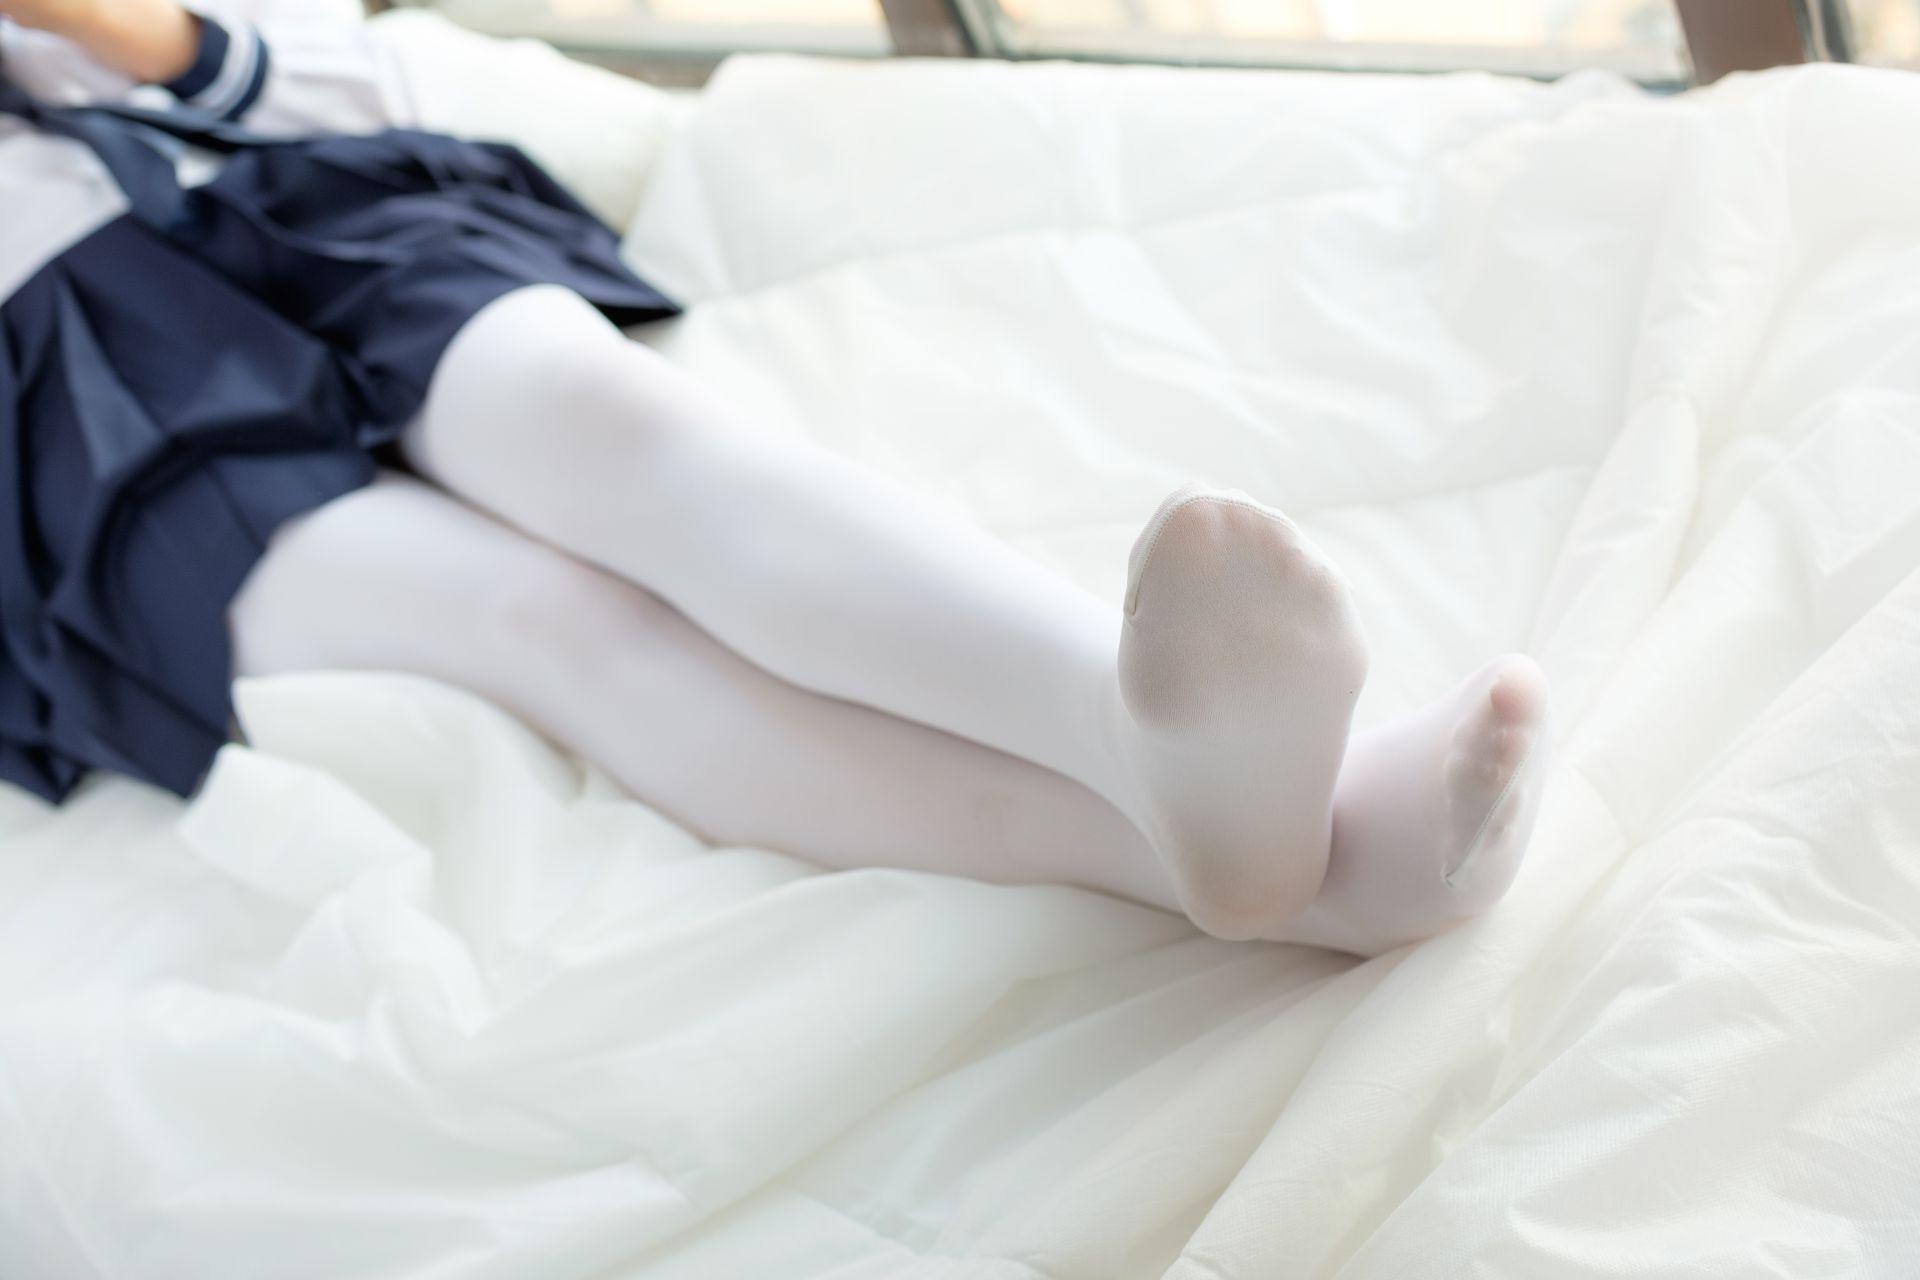 【森萝财团】森萝财团写真 – SSR-002 白丝水手服 [75P-453MB] SSR系列 第5张